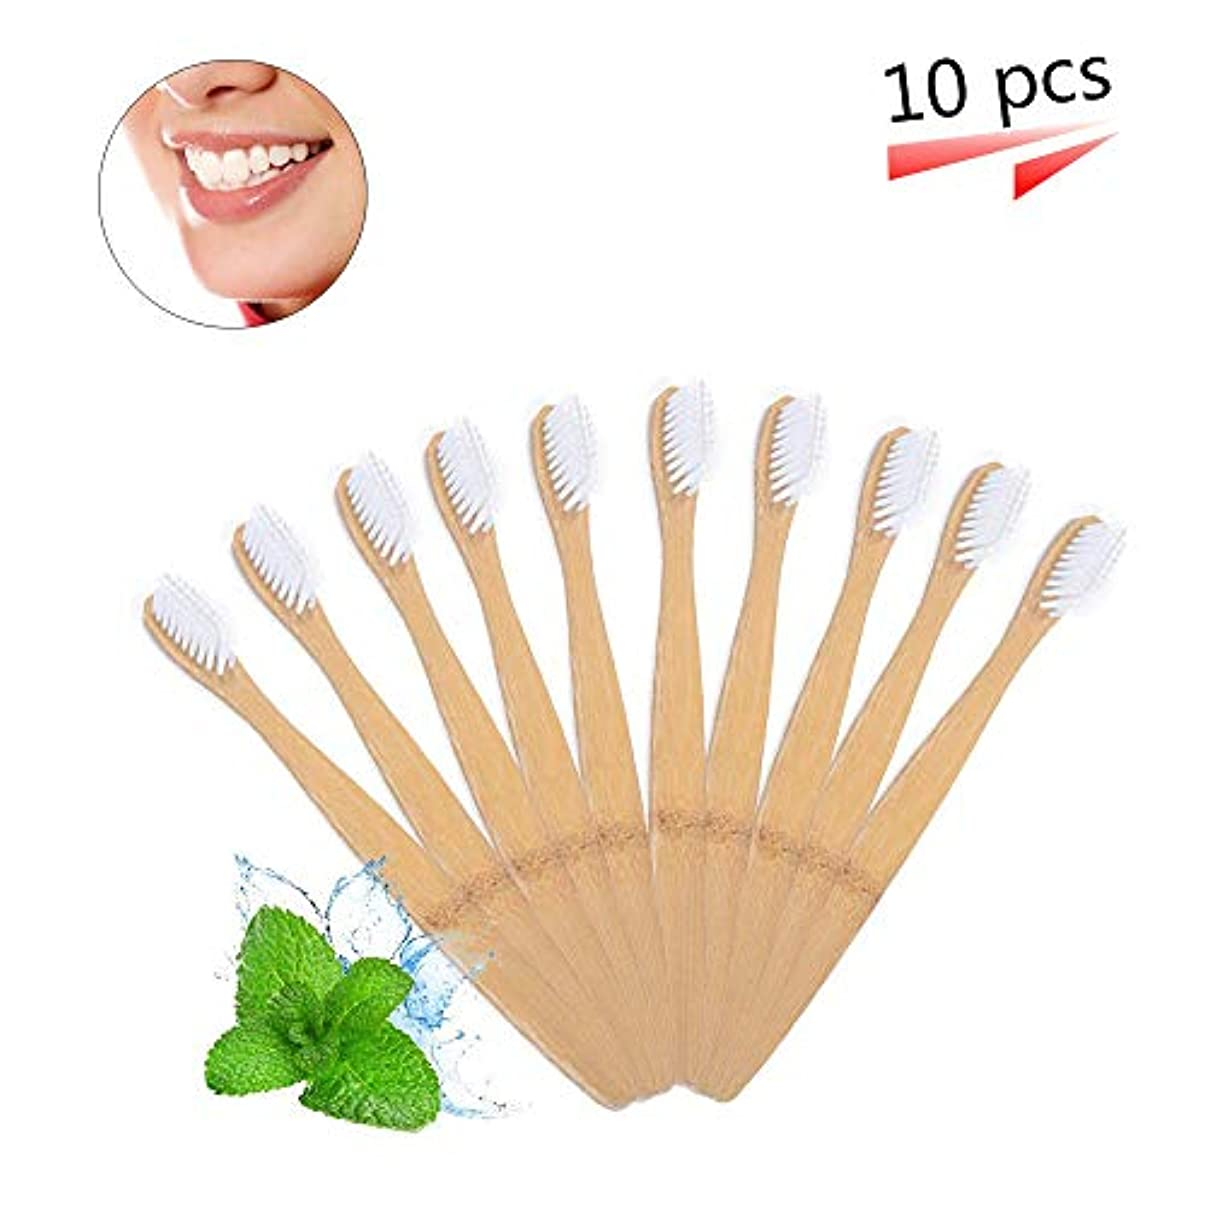 マリナーウィスキーモック竹の歯ブラシ 分解性 環境保護の歯ブラシ 天然の柔らかいブラシ ホワイト 10本